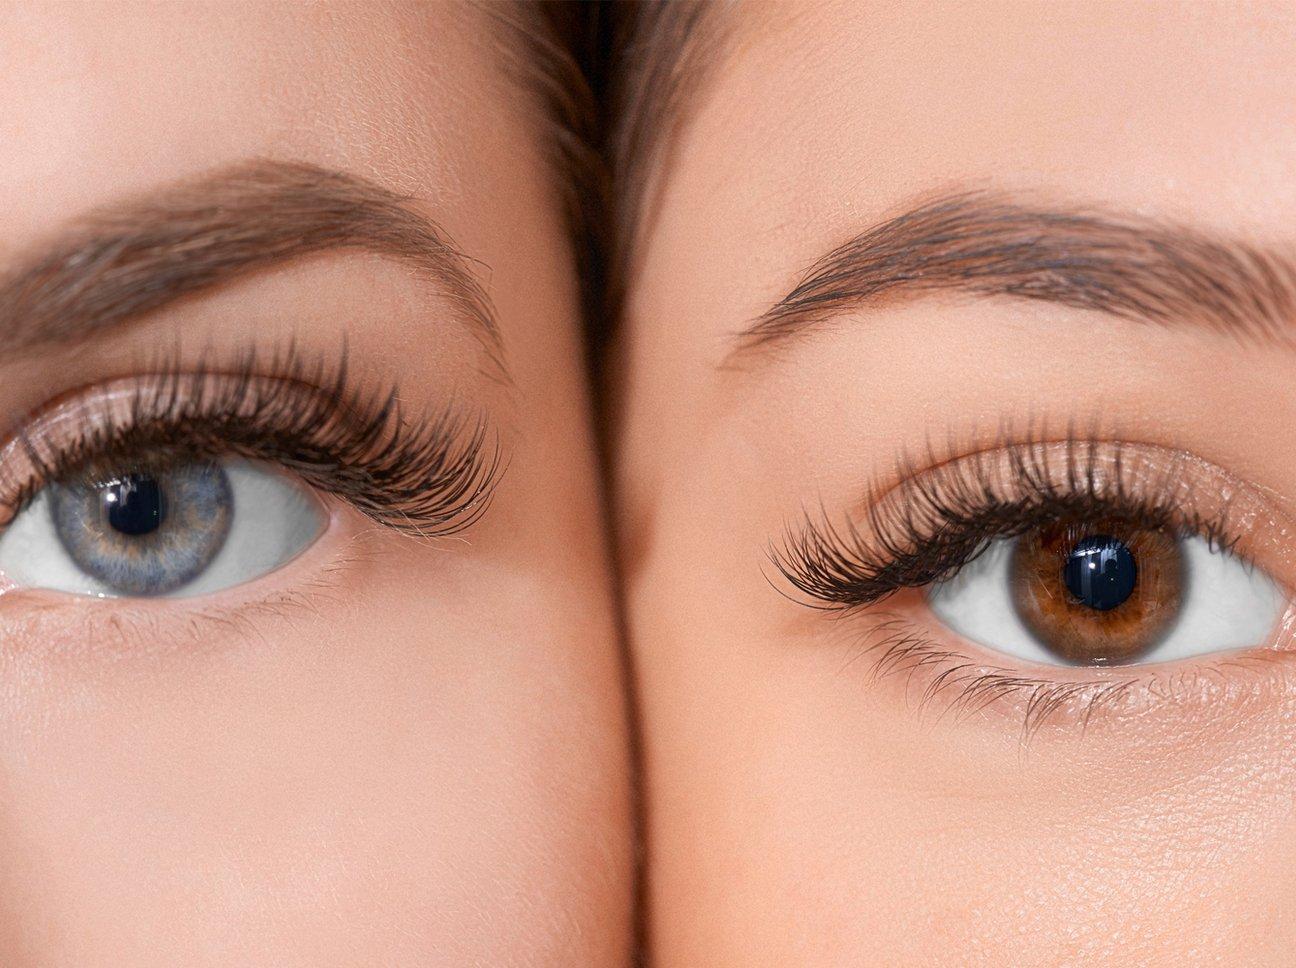 Schöne, lange Wimpernverlängerungen finden